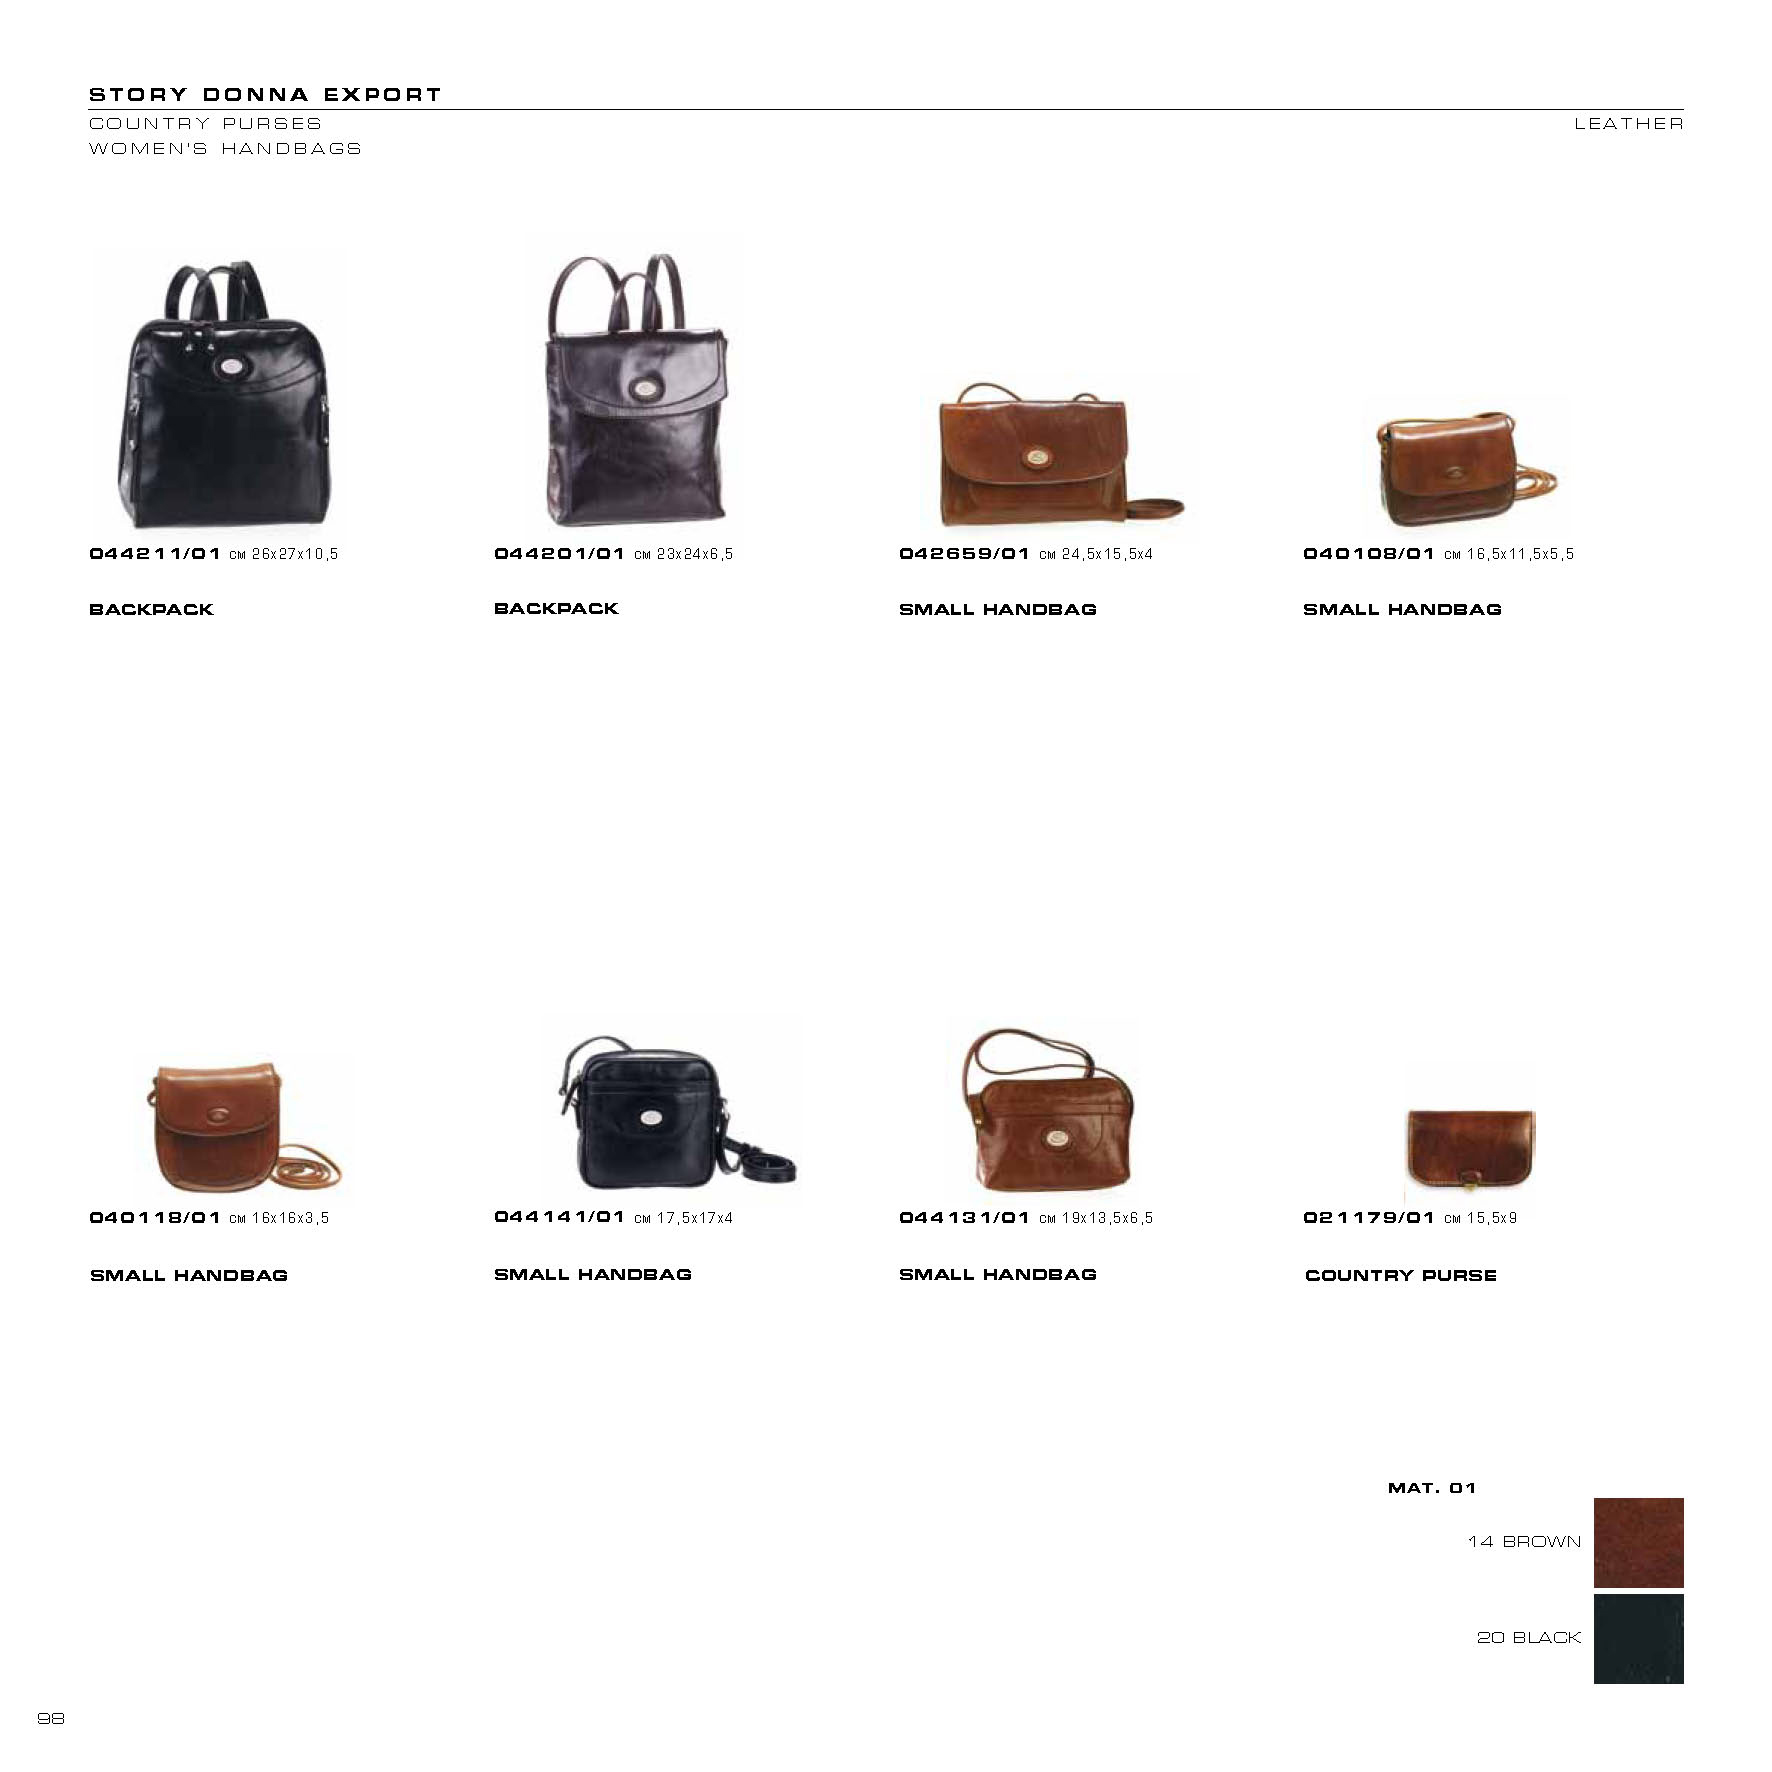 the bridge story donna handtaschen lederhandtaschen umh ngetaschen rucksack shoulder bag. Black Bedroom Furniture Sets. Home Design Ideas